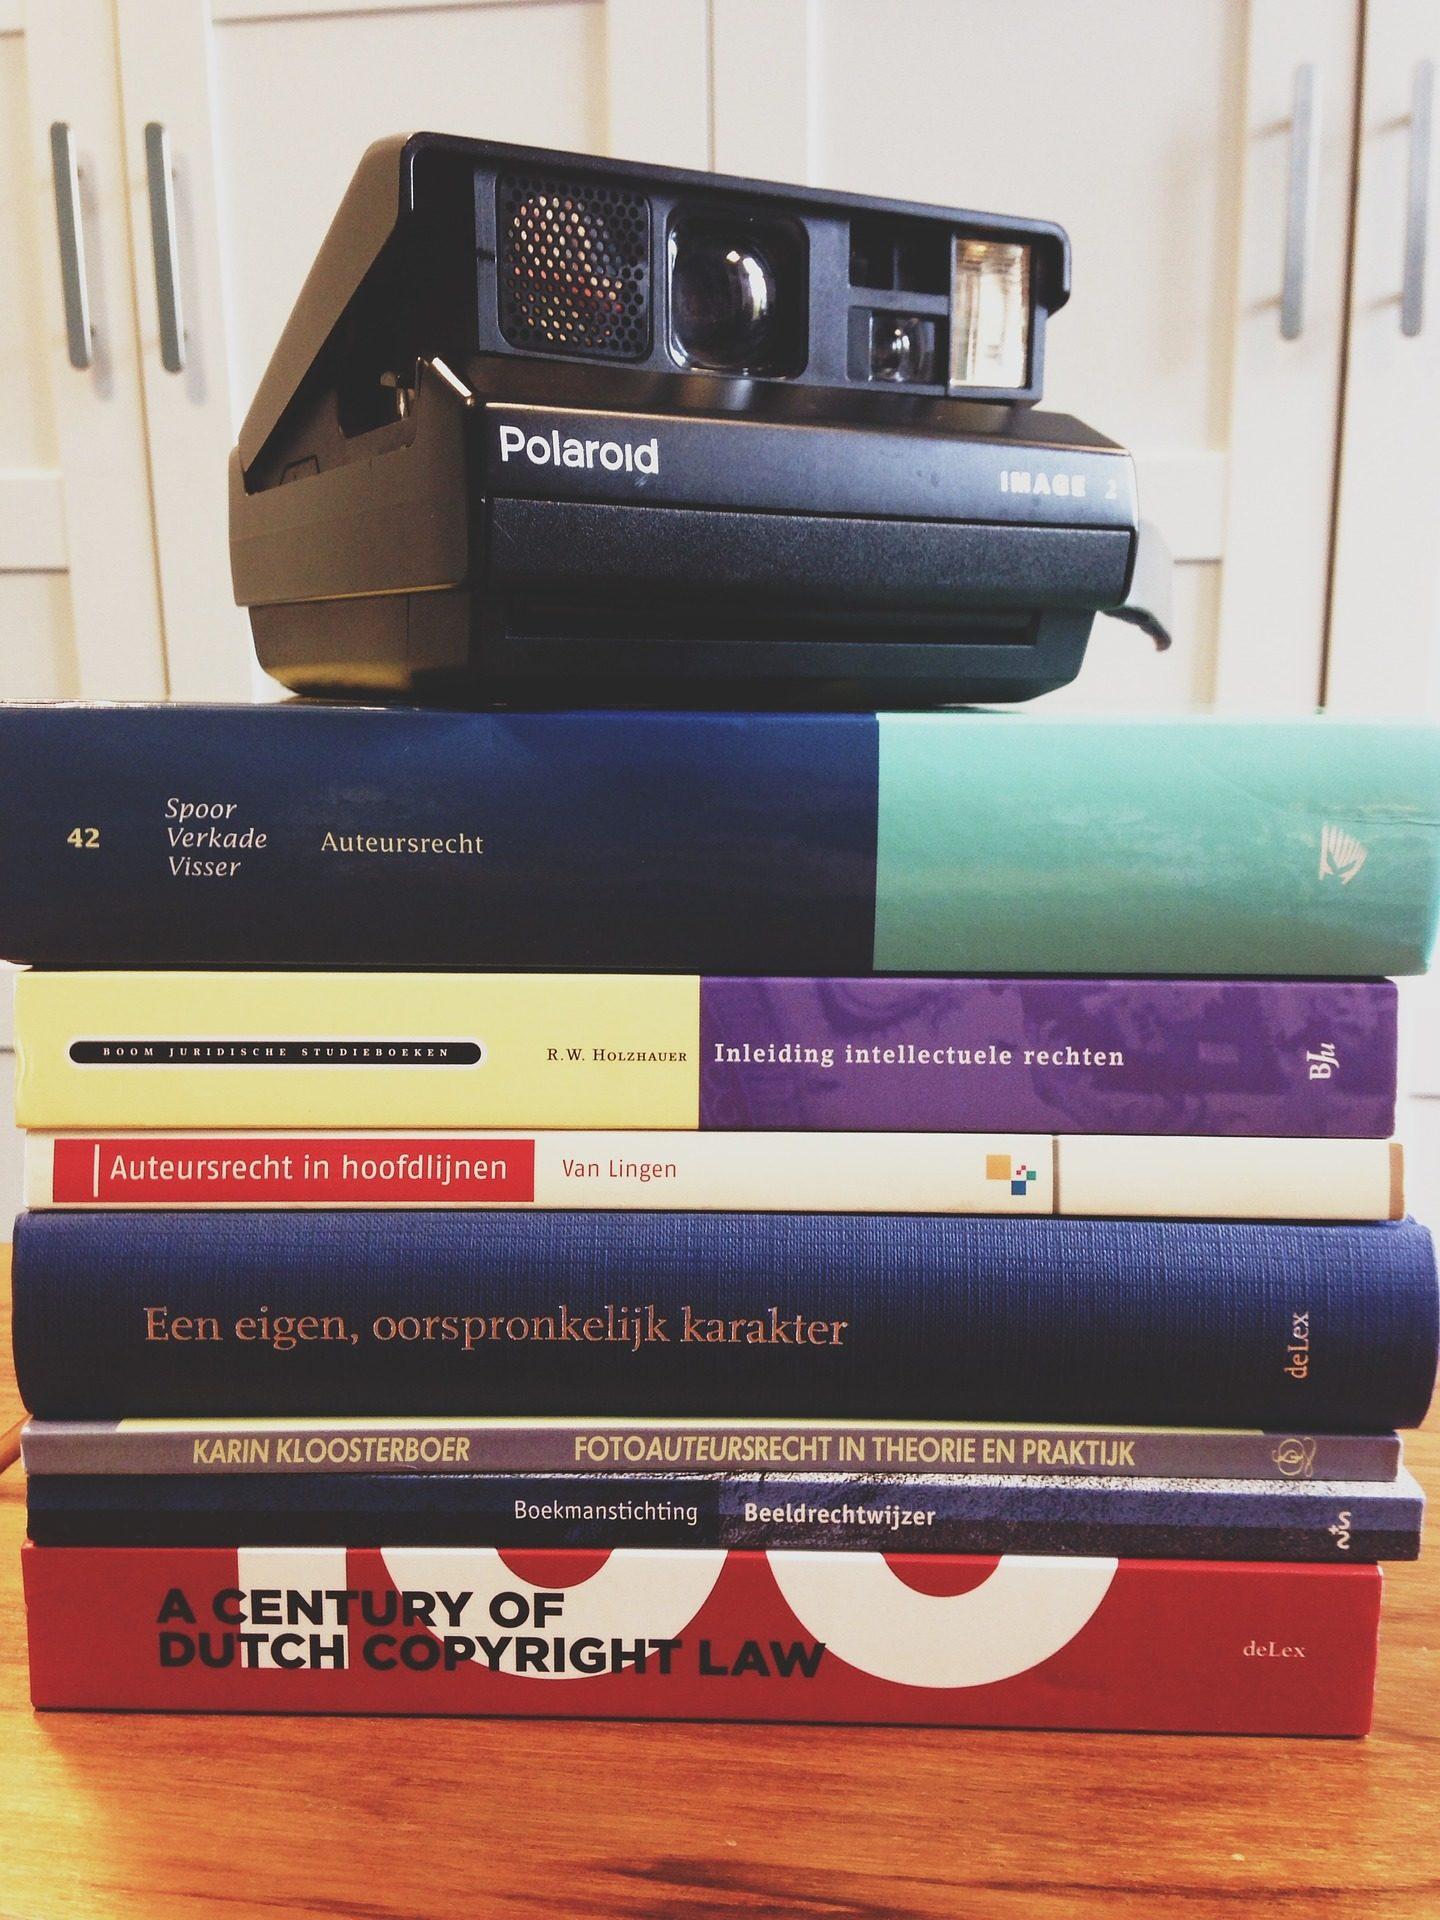 appareil photo, photographie, Polaroid, livres, Vintage, vieux - Fonds d'écran HD - Professor-falken.com